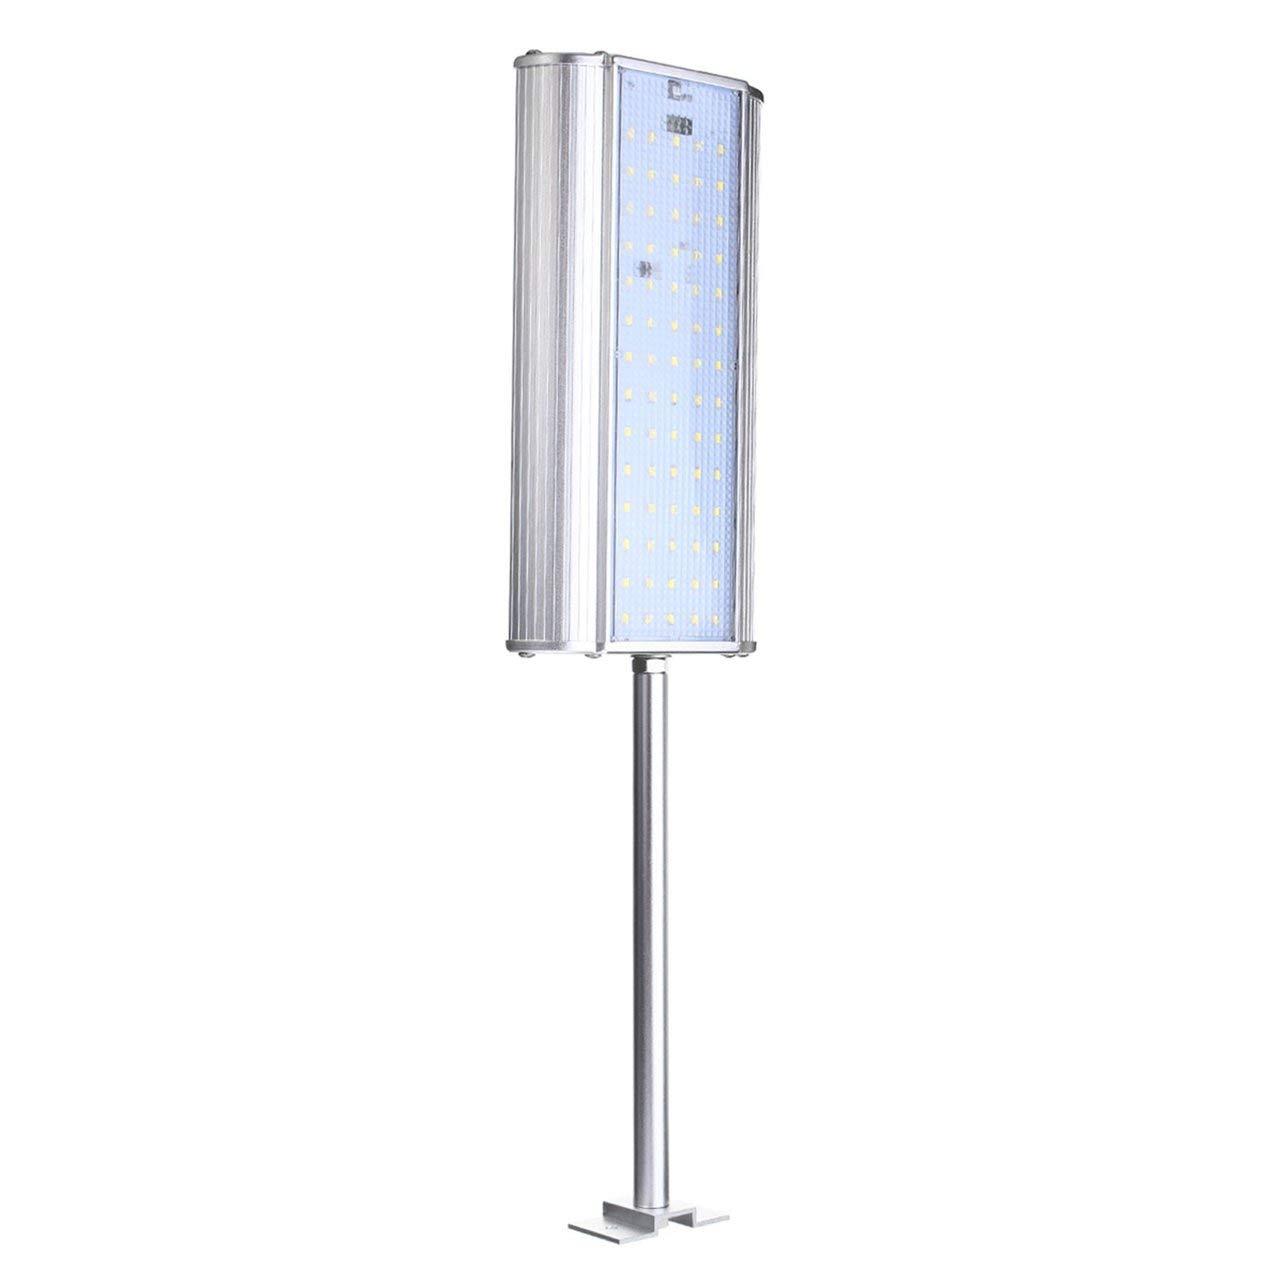 Lampada da parete per esterni da giardino con luce solare senza fili a sensore solare a 70 LED